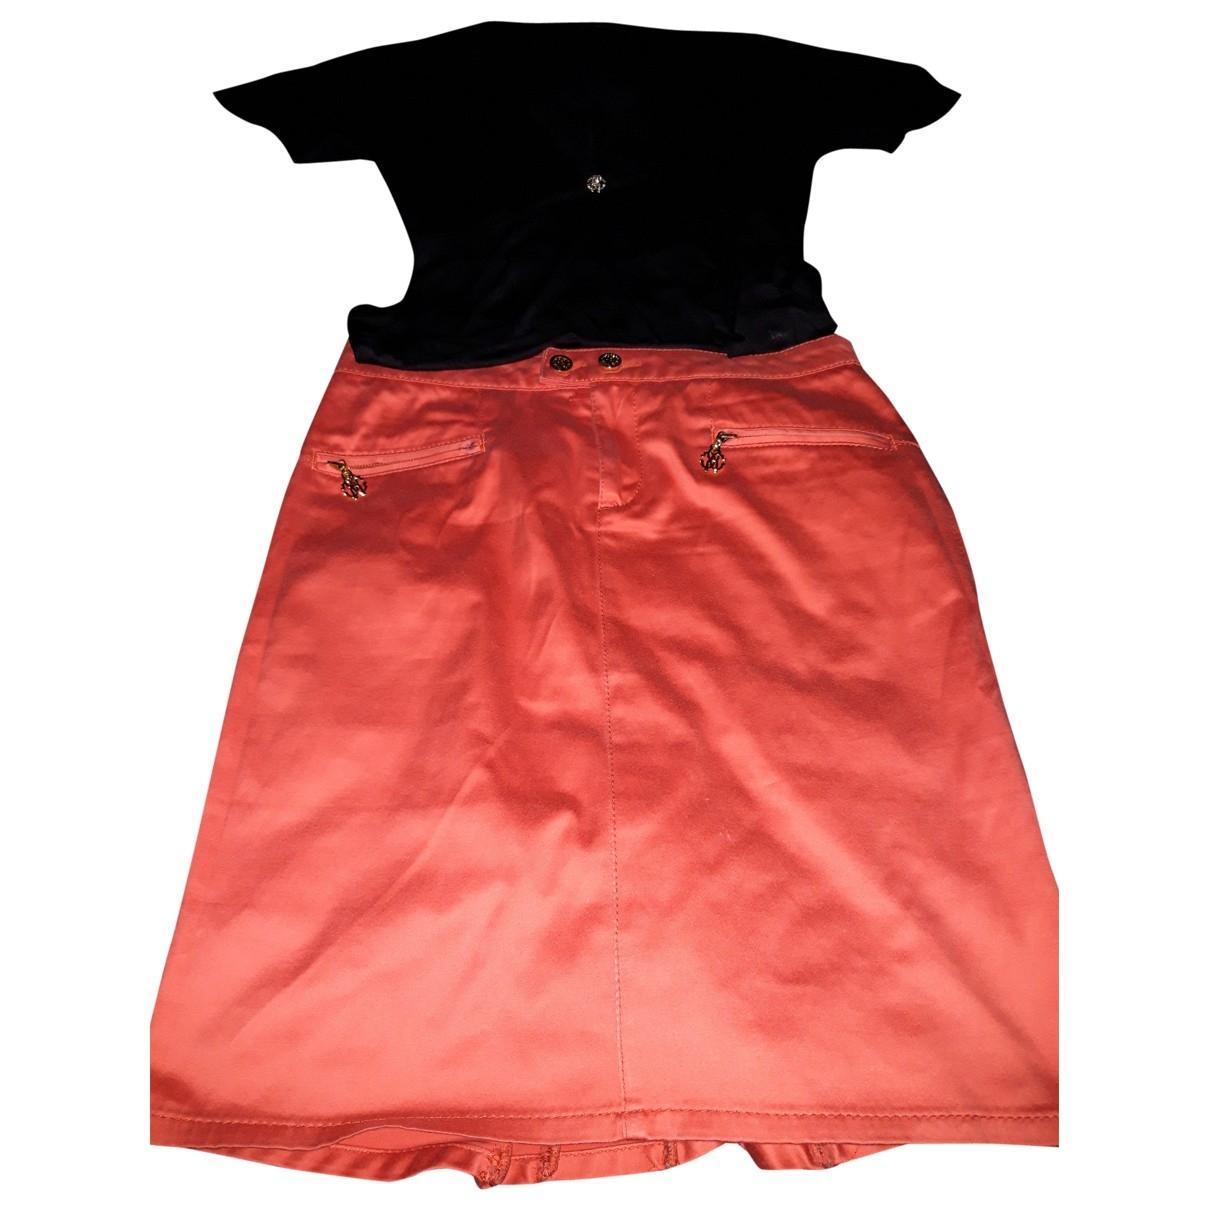 Roberto Cavalli \N Kleid in  Schwarz Baumwolle - Elasthan